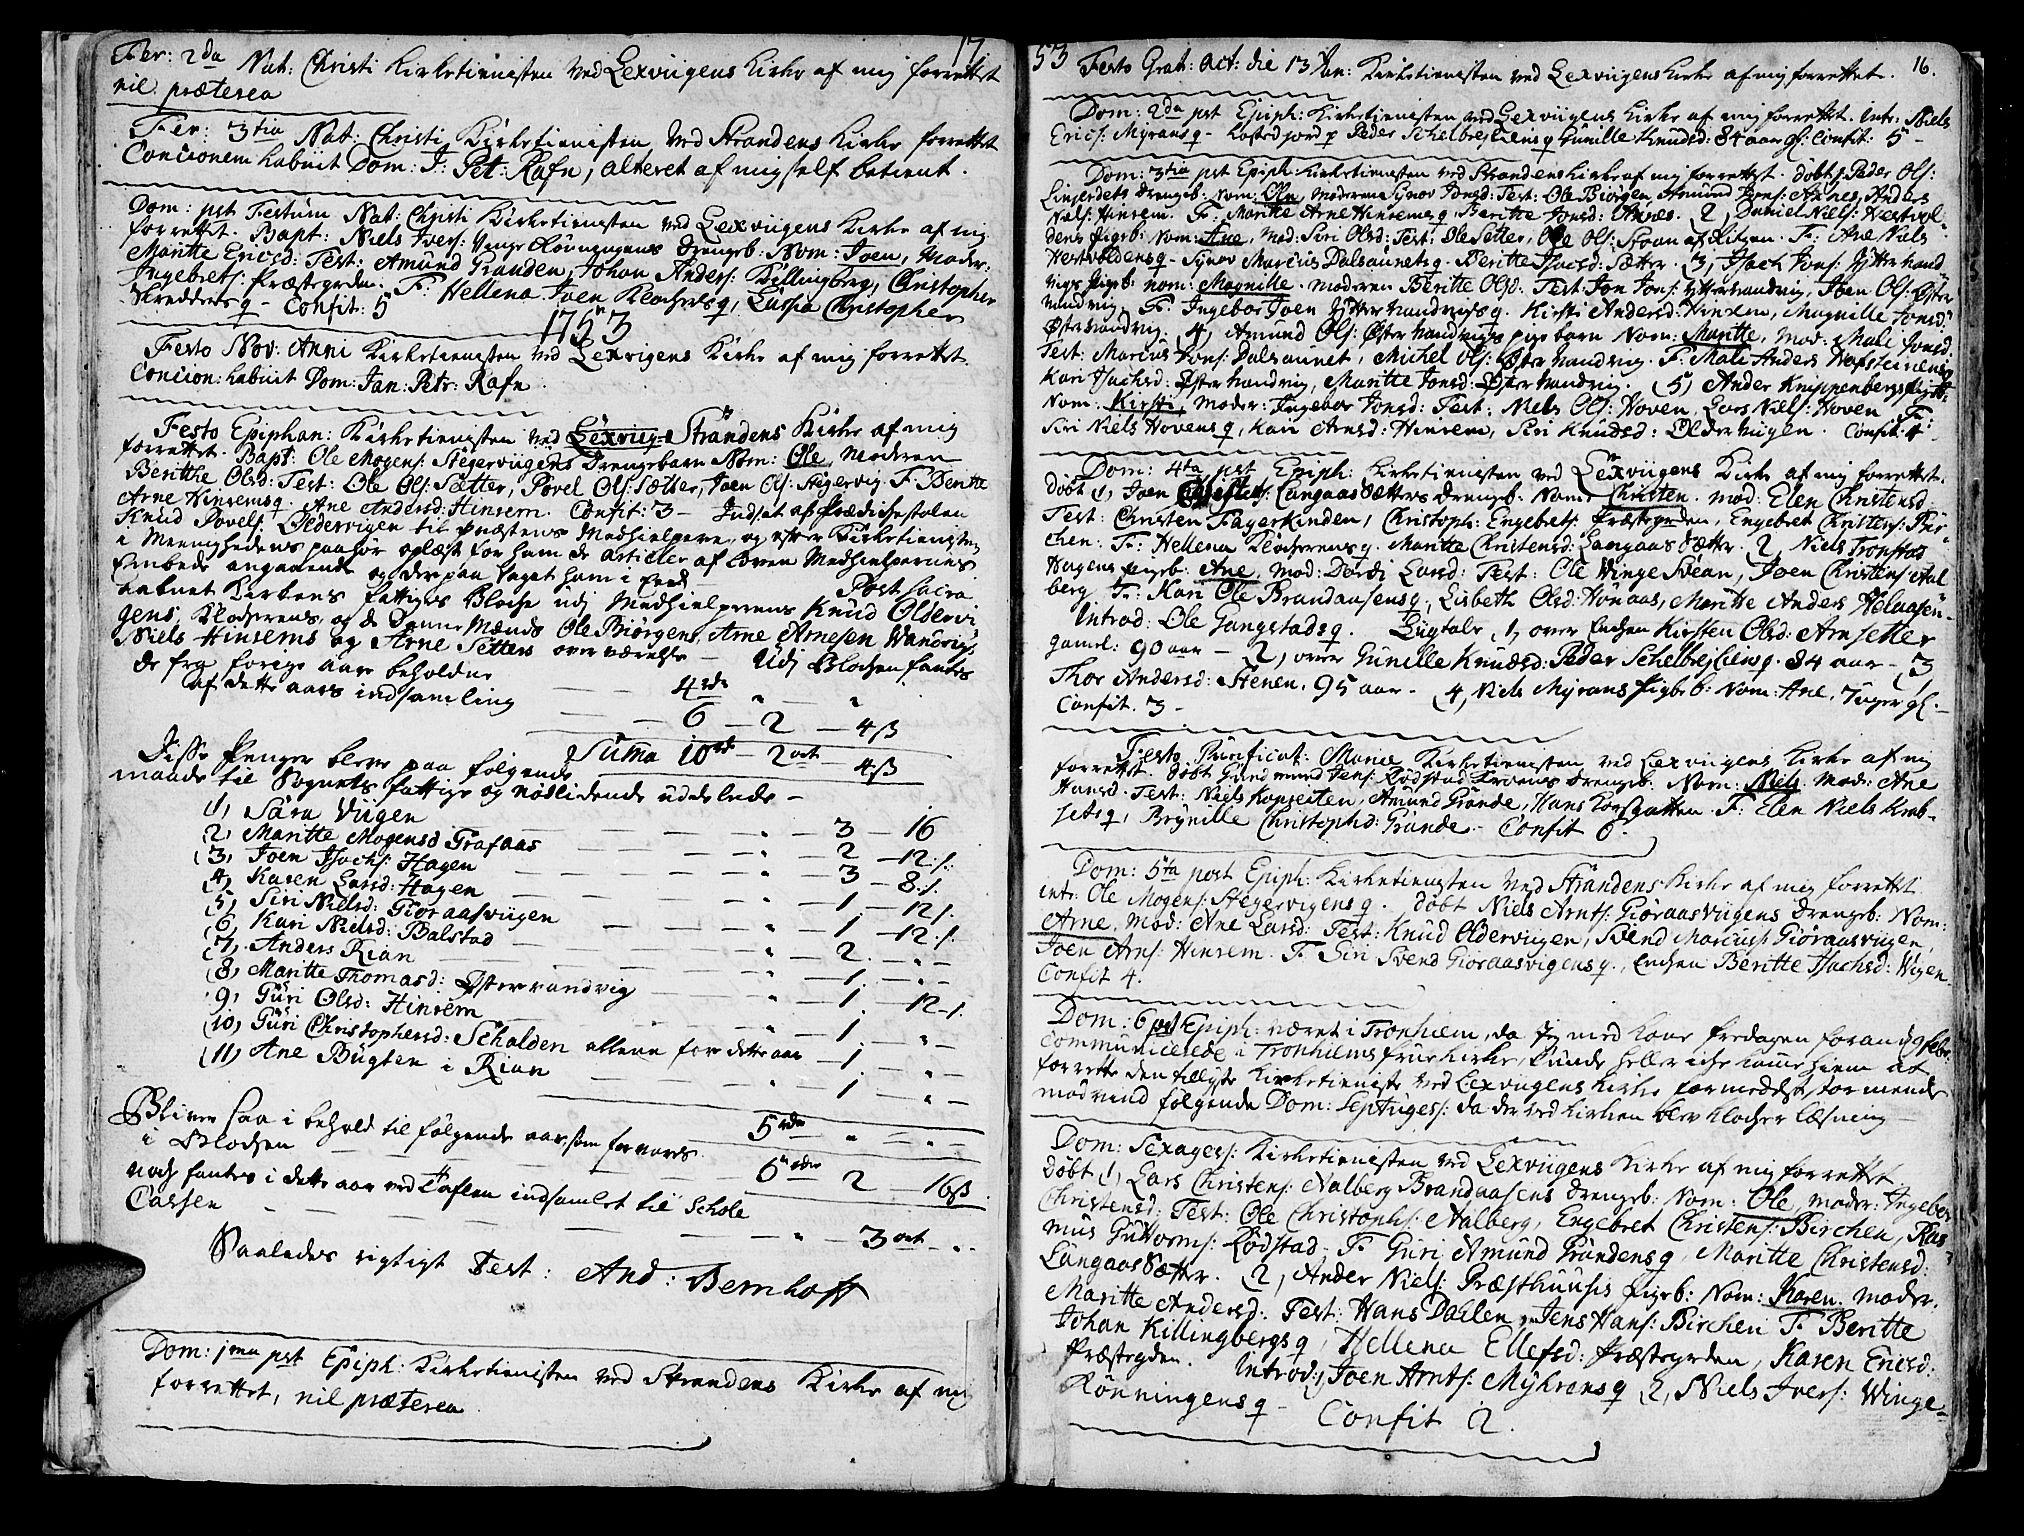 SAT, Ministerialprotokoller, klokkerbøker og fødselsregistre - Nord-Trøndelag, 701/L0003: Ministerialbok nr. 701A03, 1751-1783, s. 16